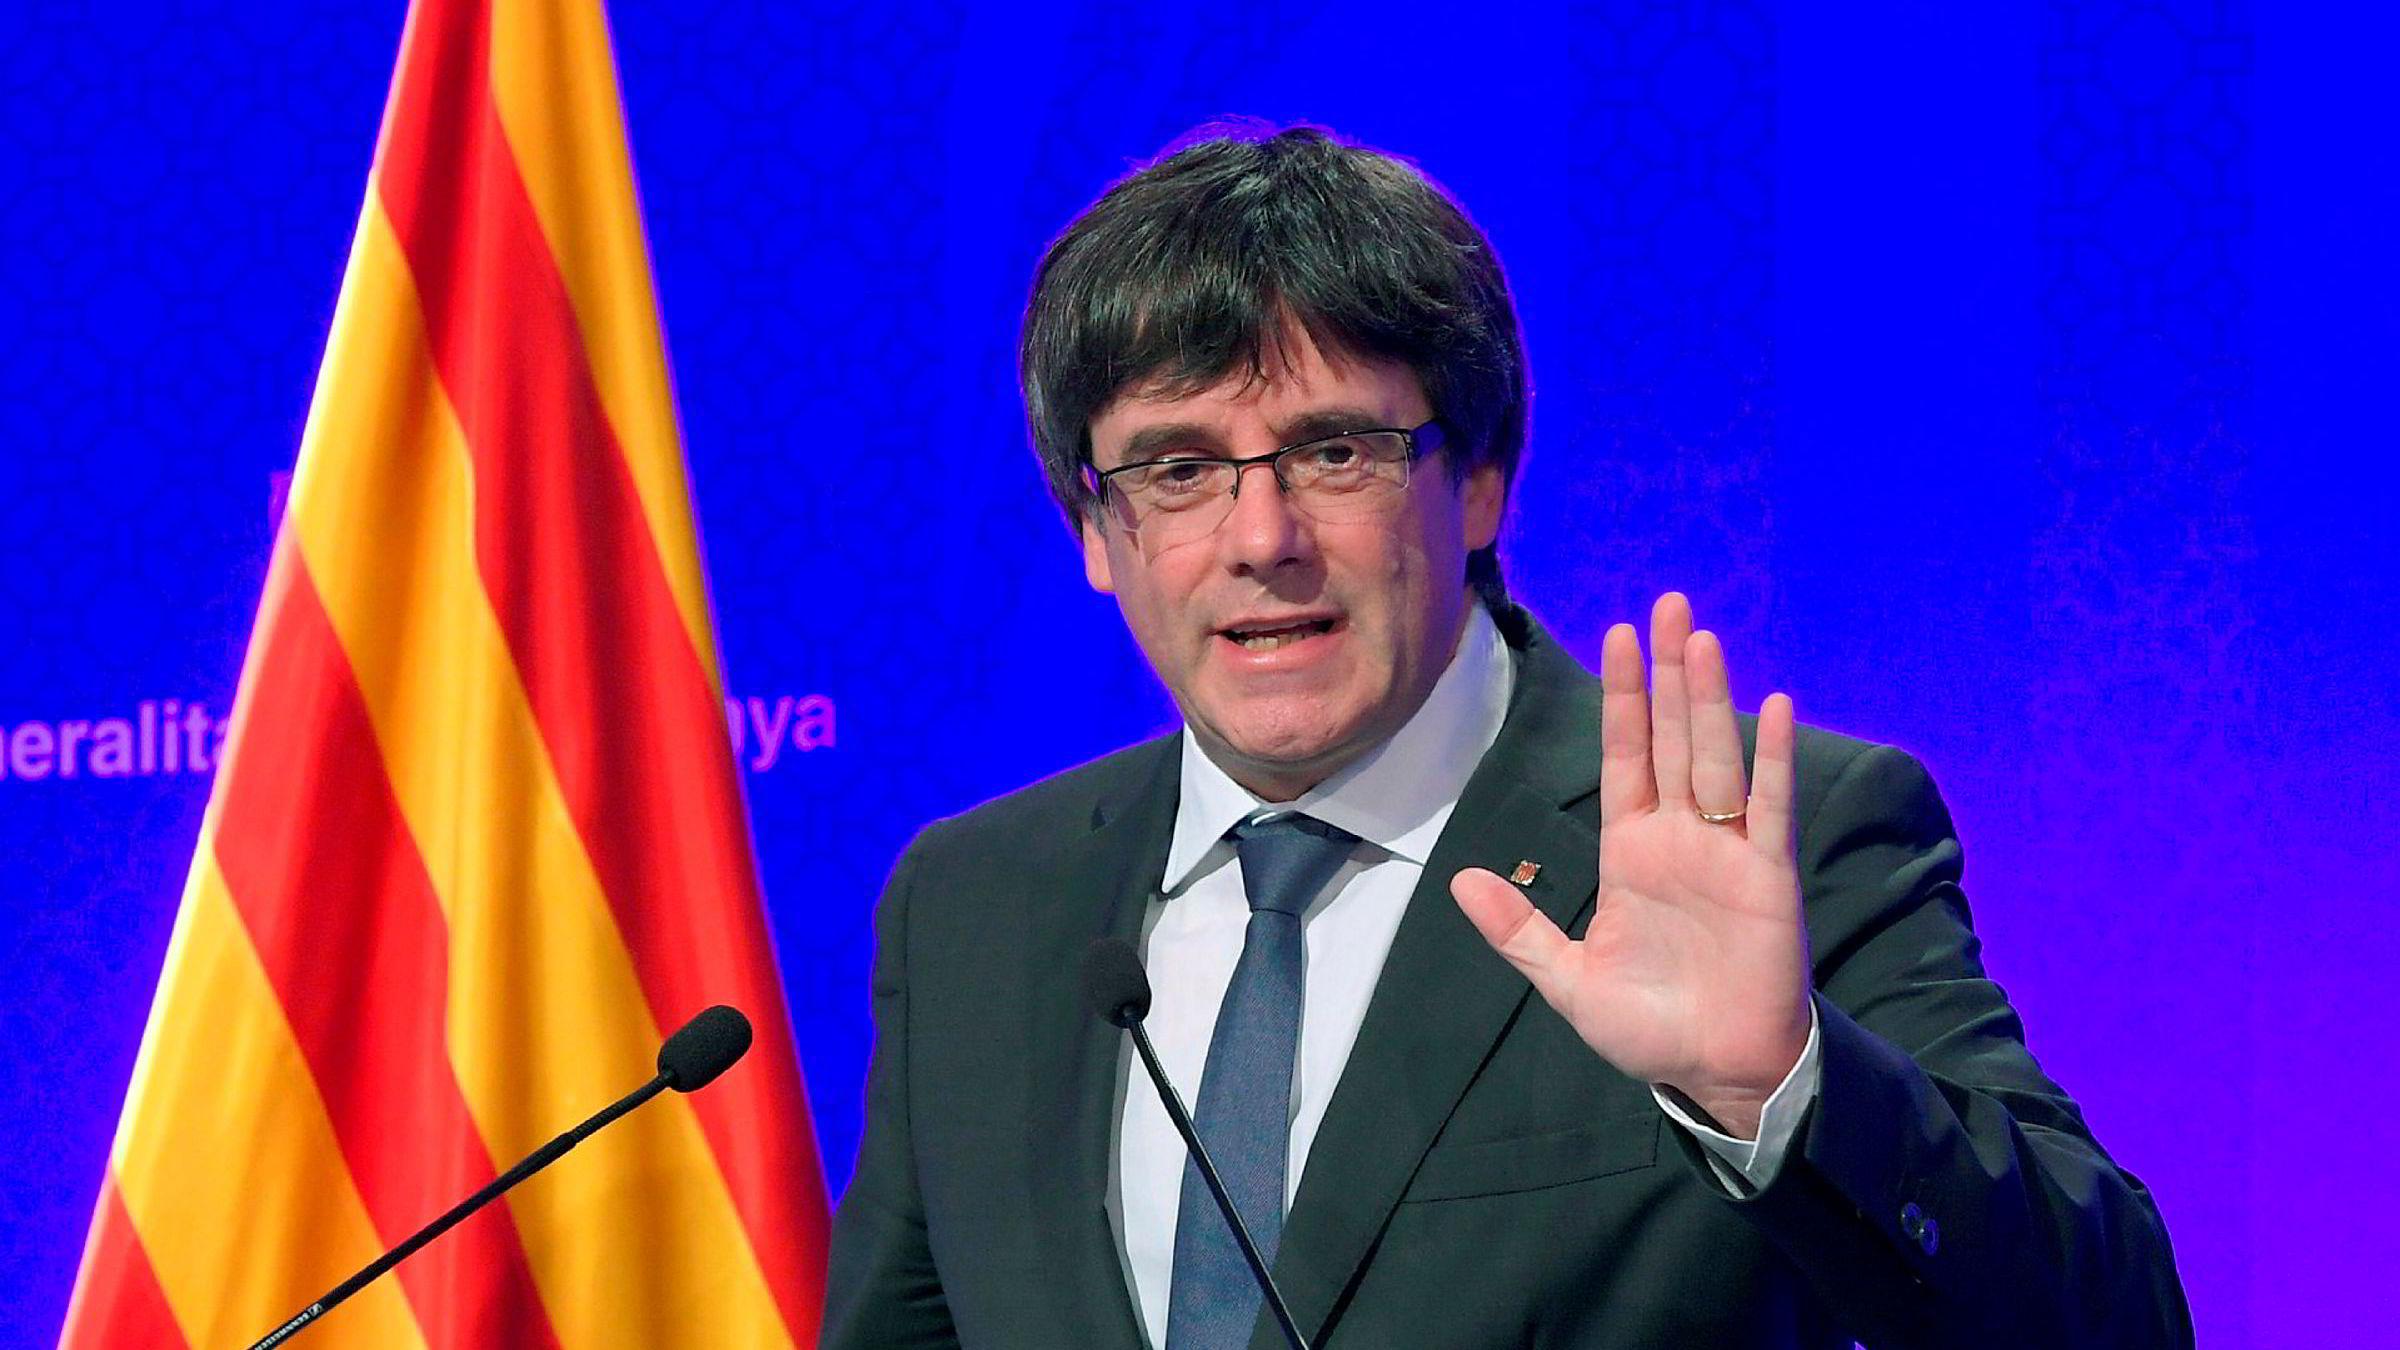 Catalonias president Carles Puigdemont på en pressekonferanse 2. oktober. Han mener regionen har fått retten til å løsrive seg etter folkeavstemningen.